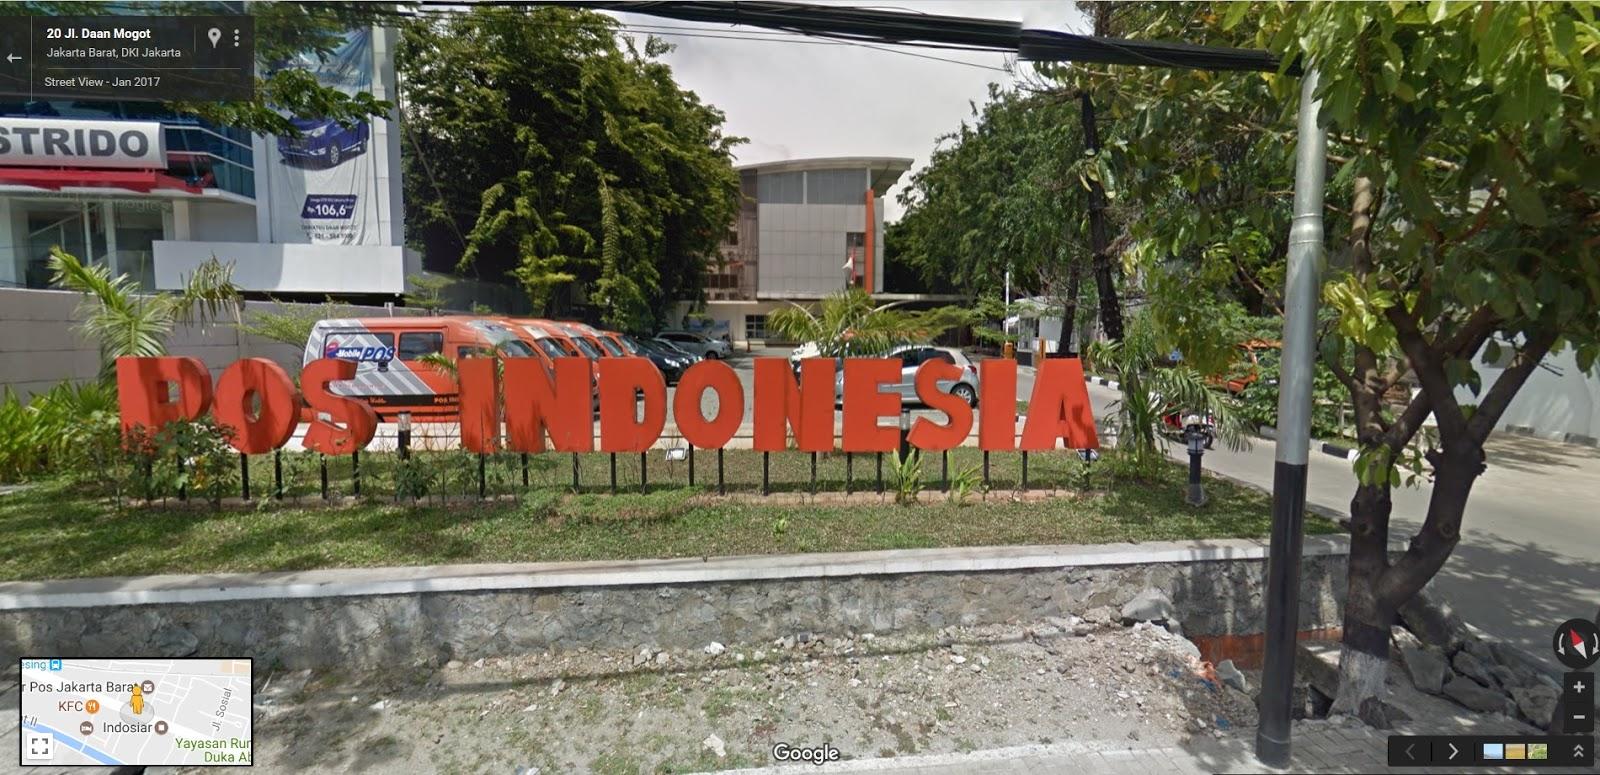 Kantor Pos Yang Buka Sampai Malam Di Jakarta Dibacaonline